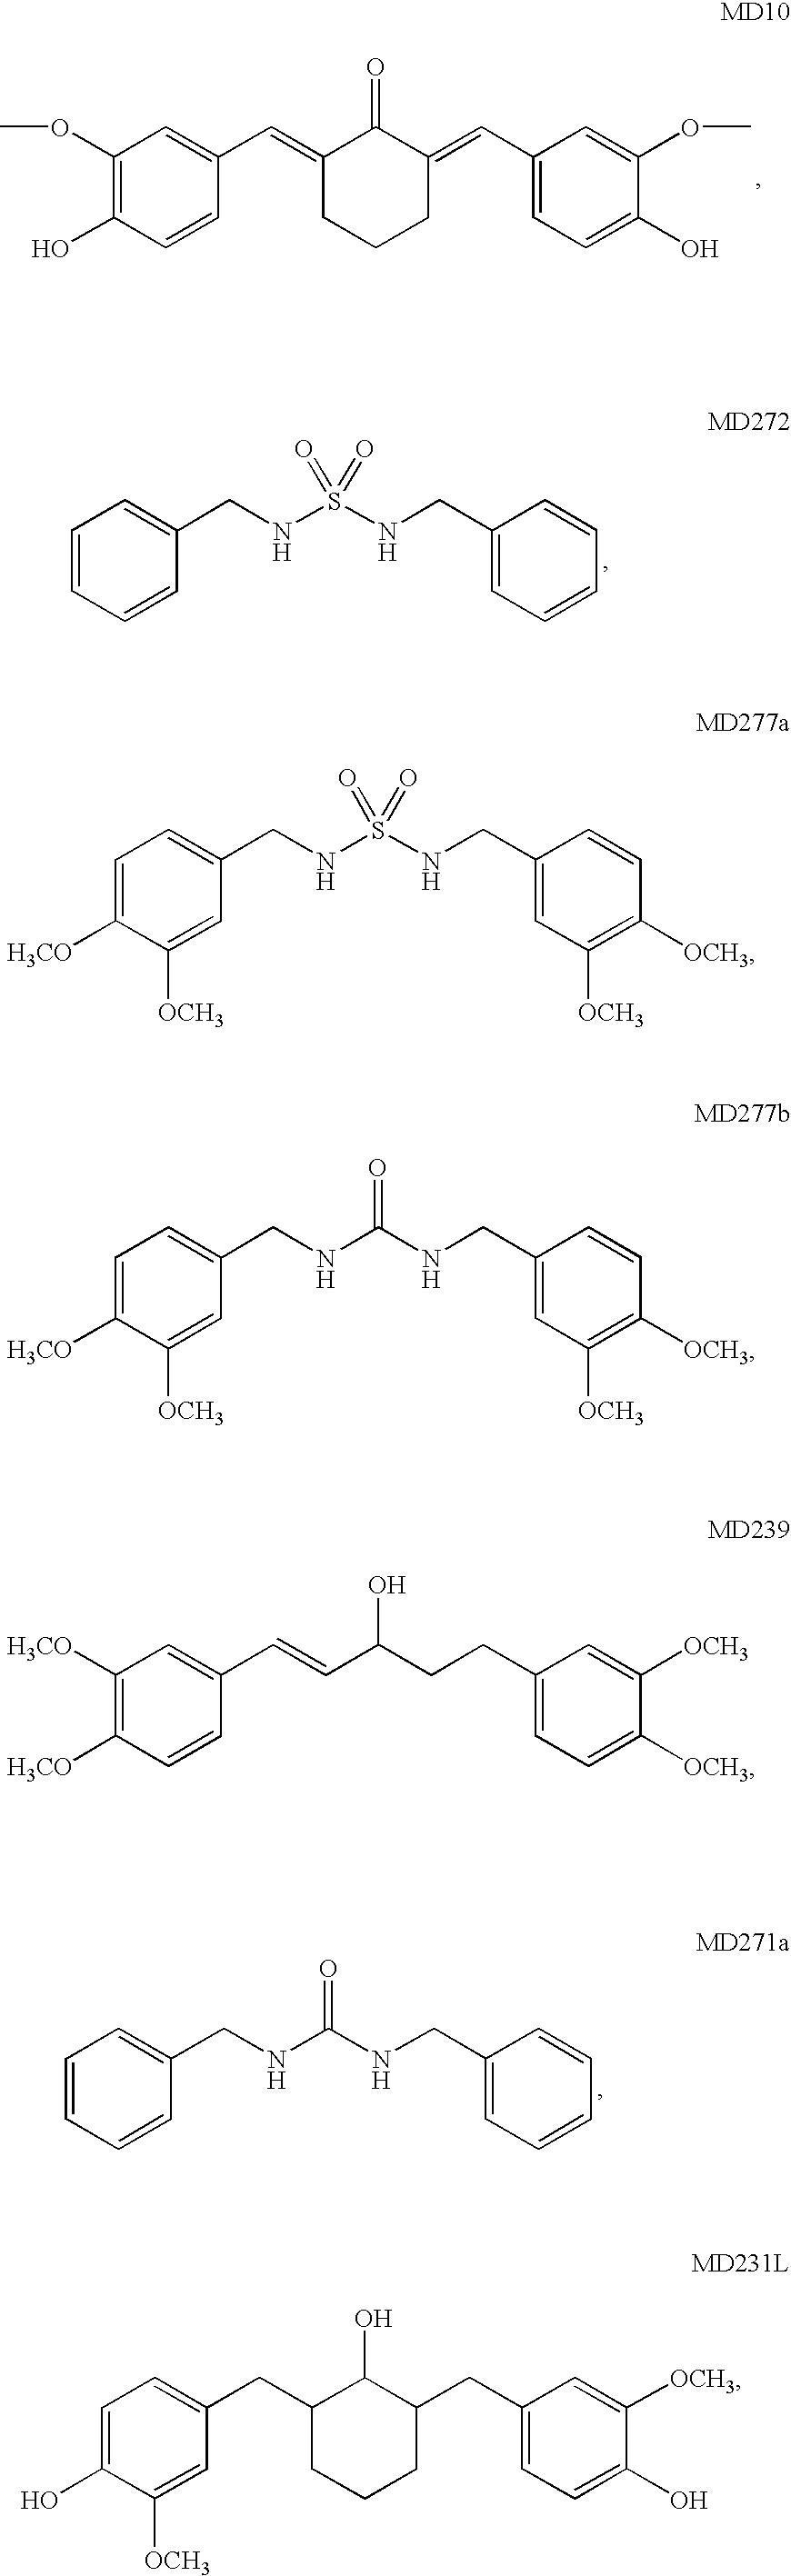 Figure US07371766-20080513-C00016